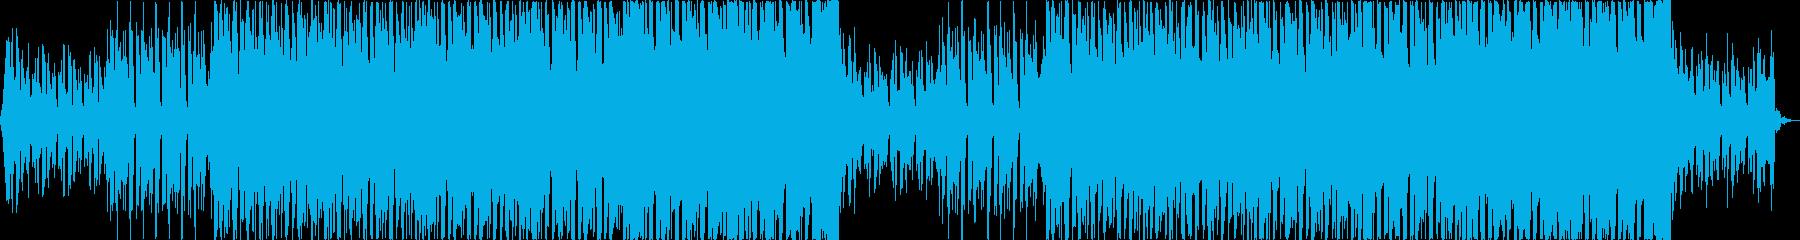 軽快清涼感クールEDMトロピカルハウスaの再生済みの波形